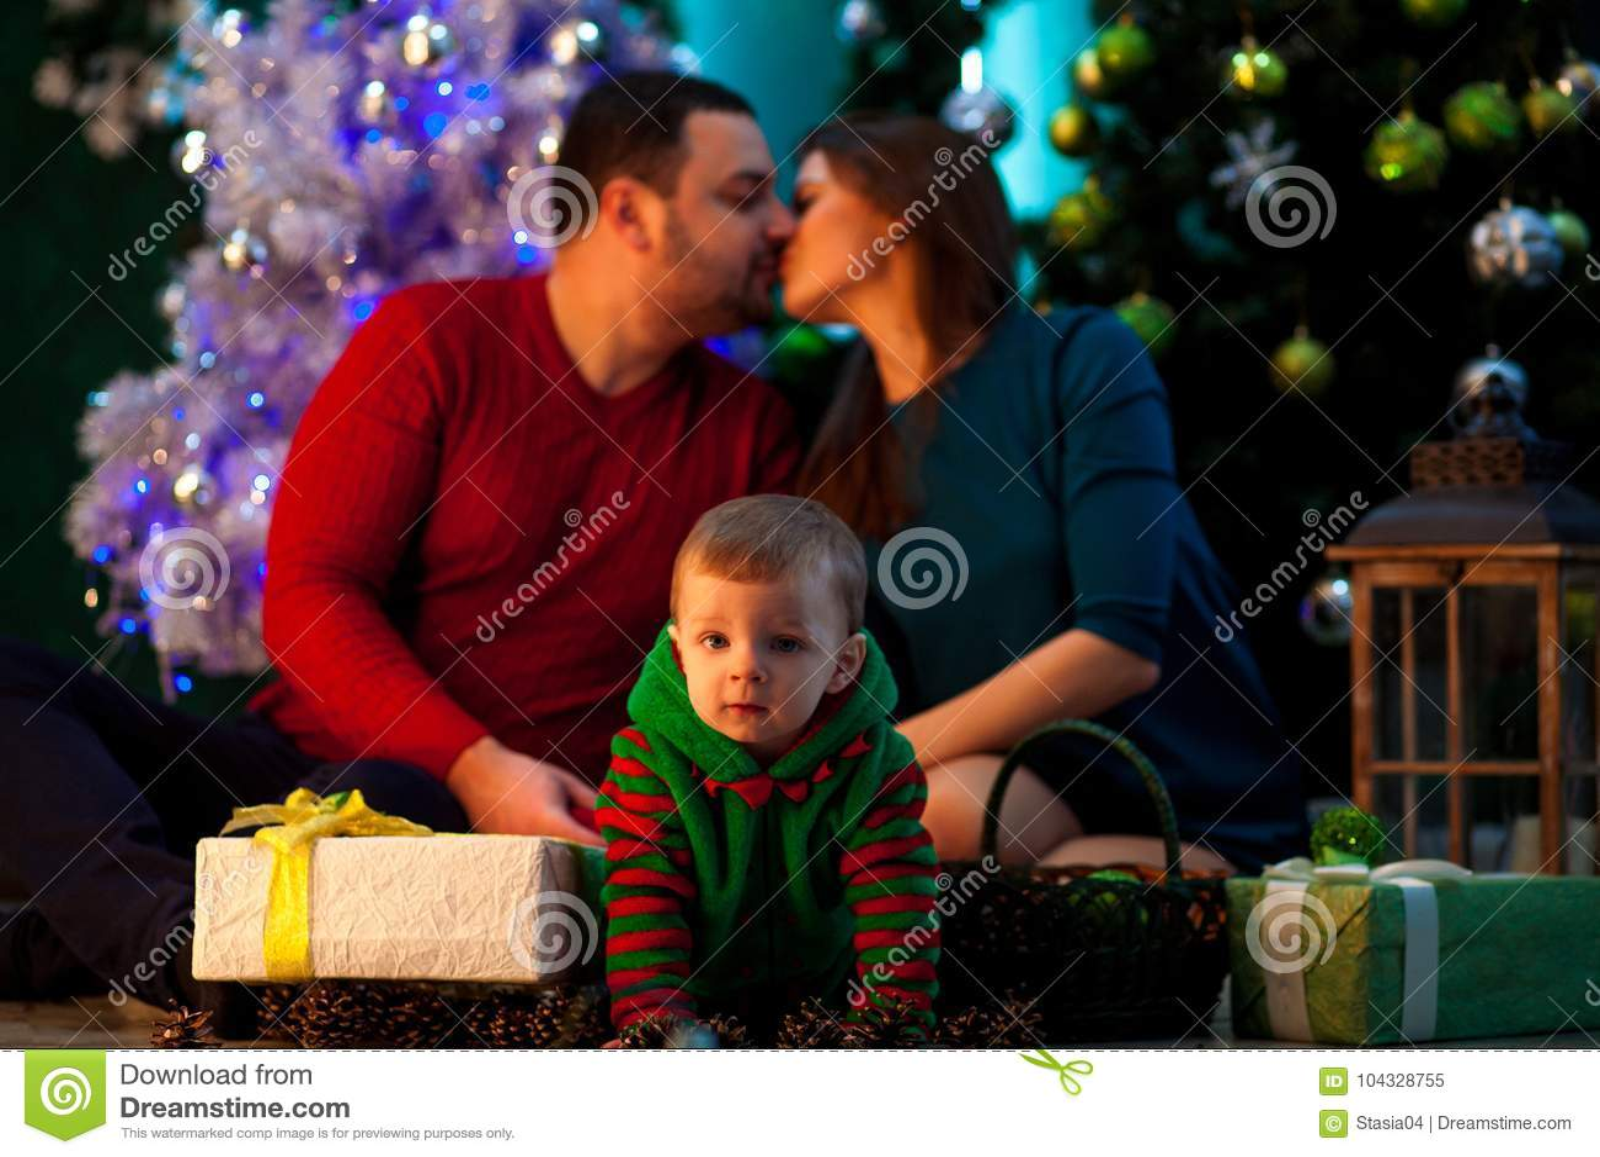 Glückliche junge Eltern küssen und ihr kleiner Sohn kriecht nahe Christus